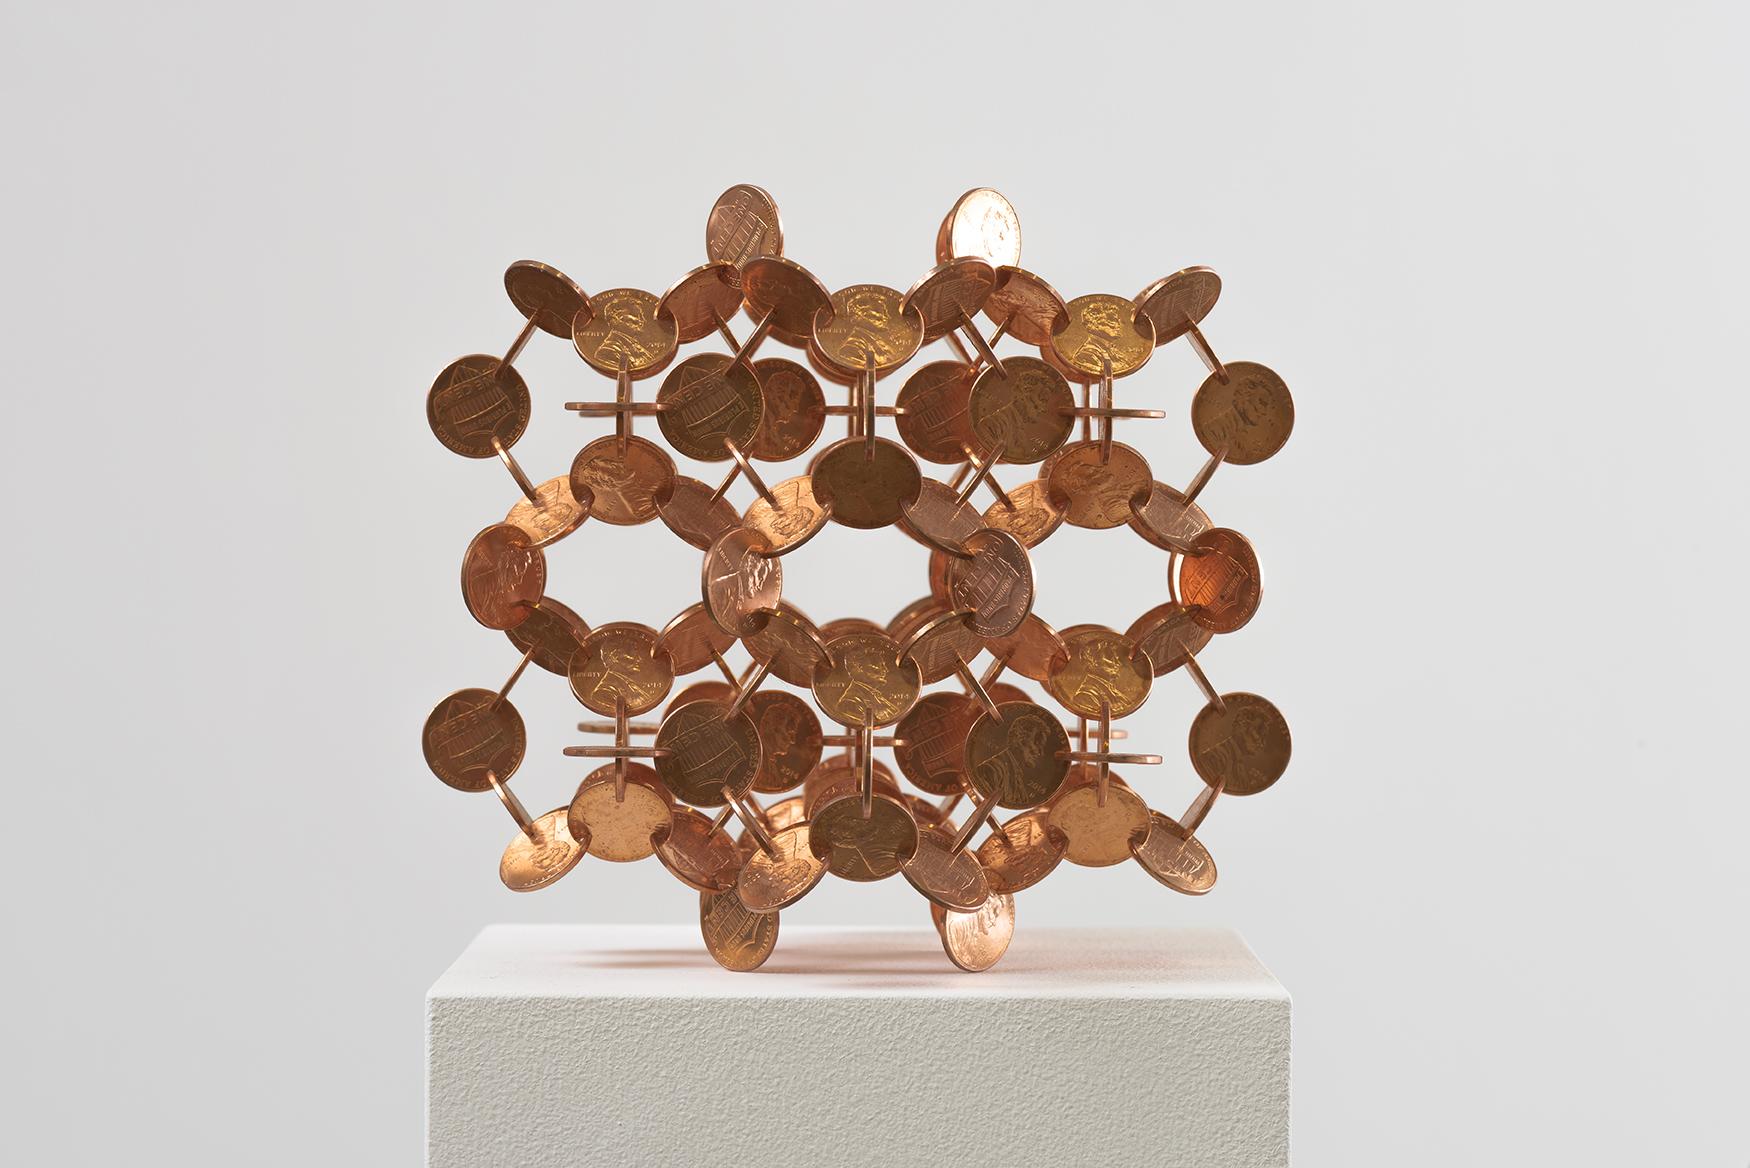 Penny Molecule (Shiny), 2016 - View 1